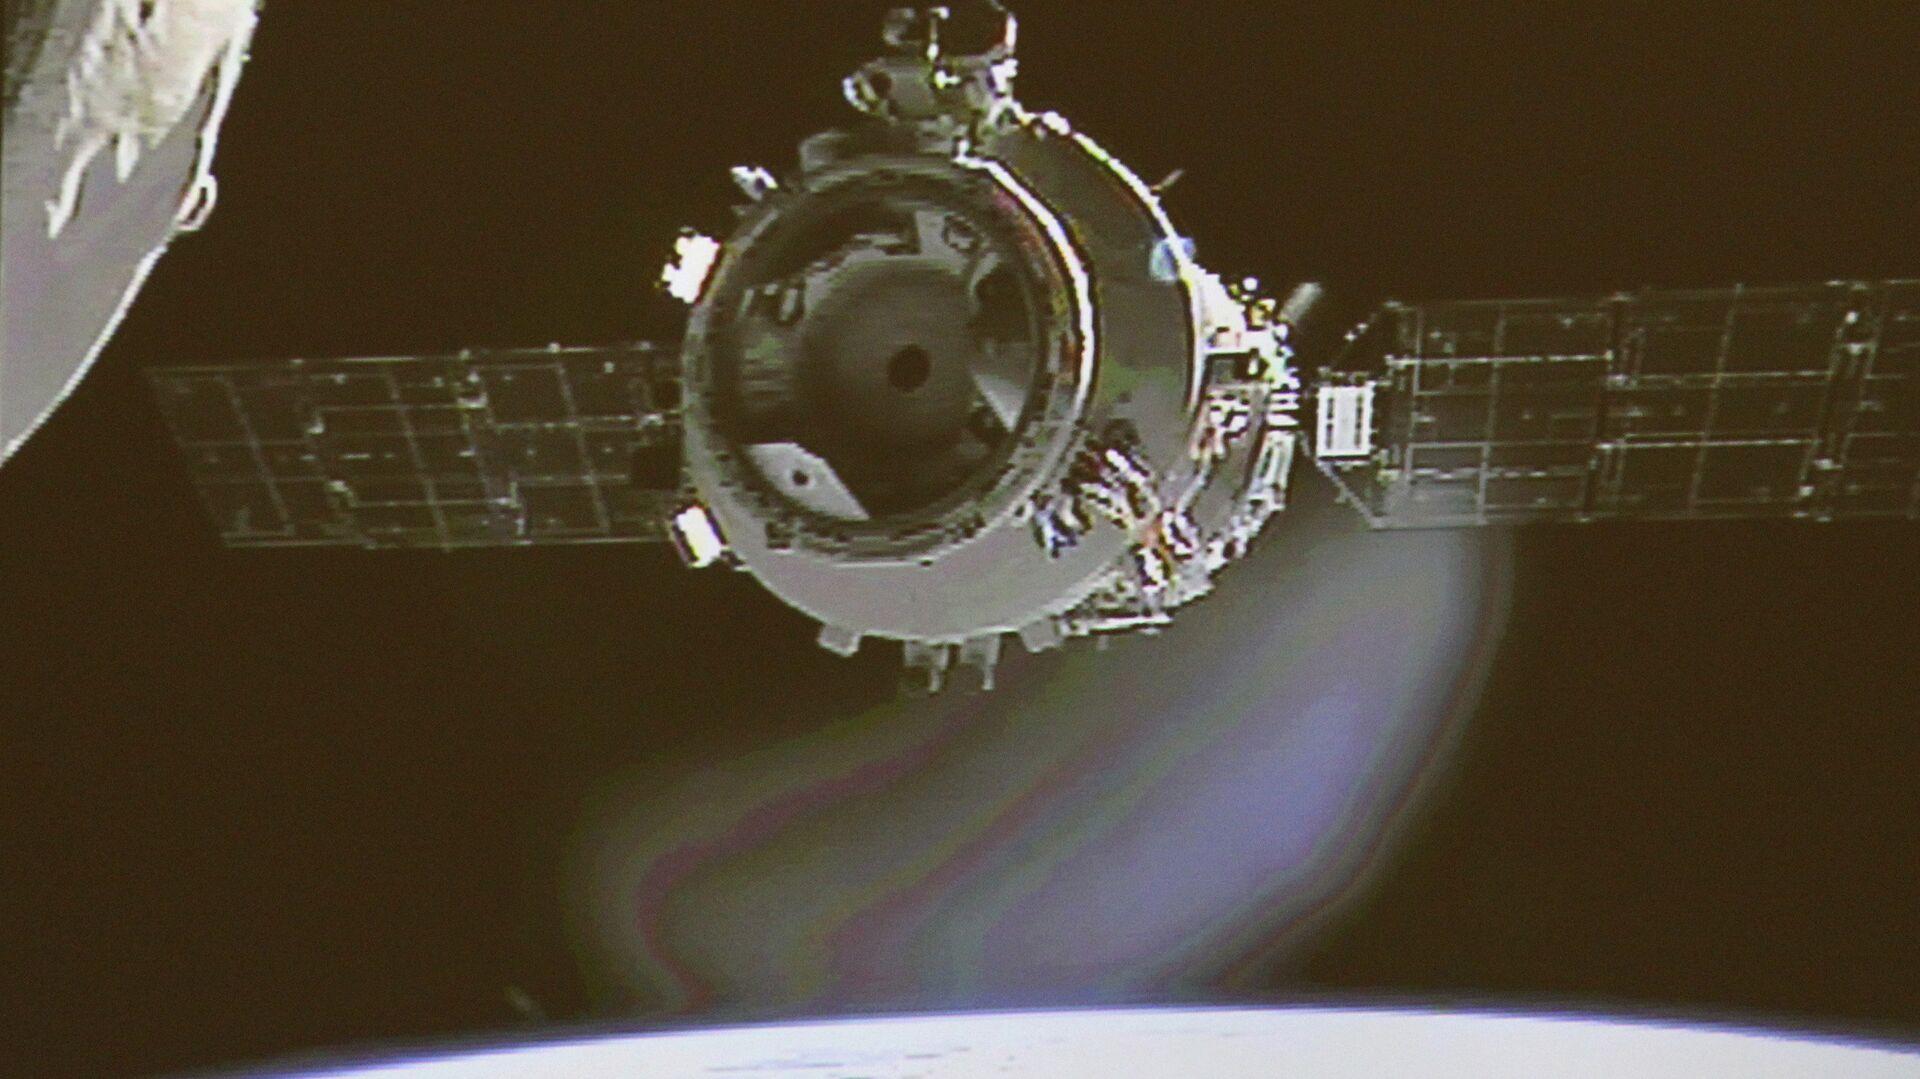 Пилотируемый космический корабль КНР Шэньчжоу-9 стыкуется с космическим аппаратом Тяньгун-1 - РИА Новости, 1920, 29.04.2021